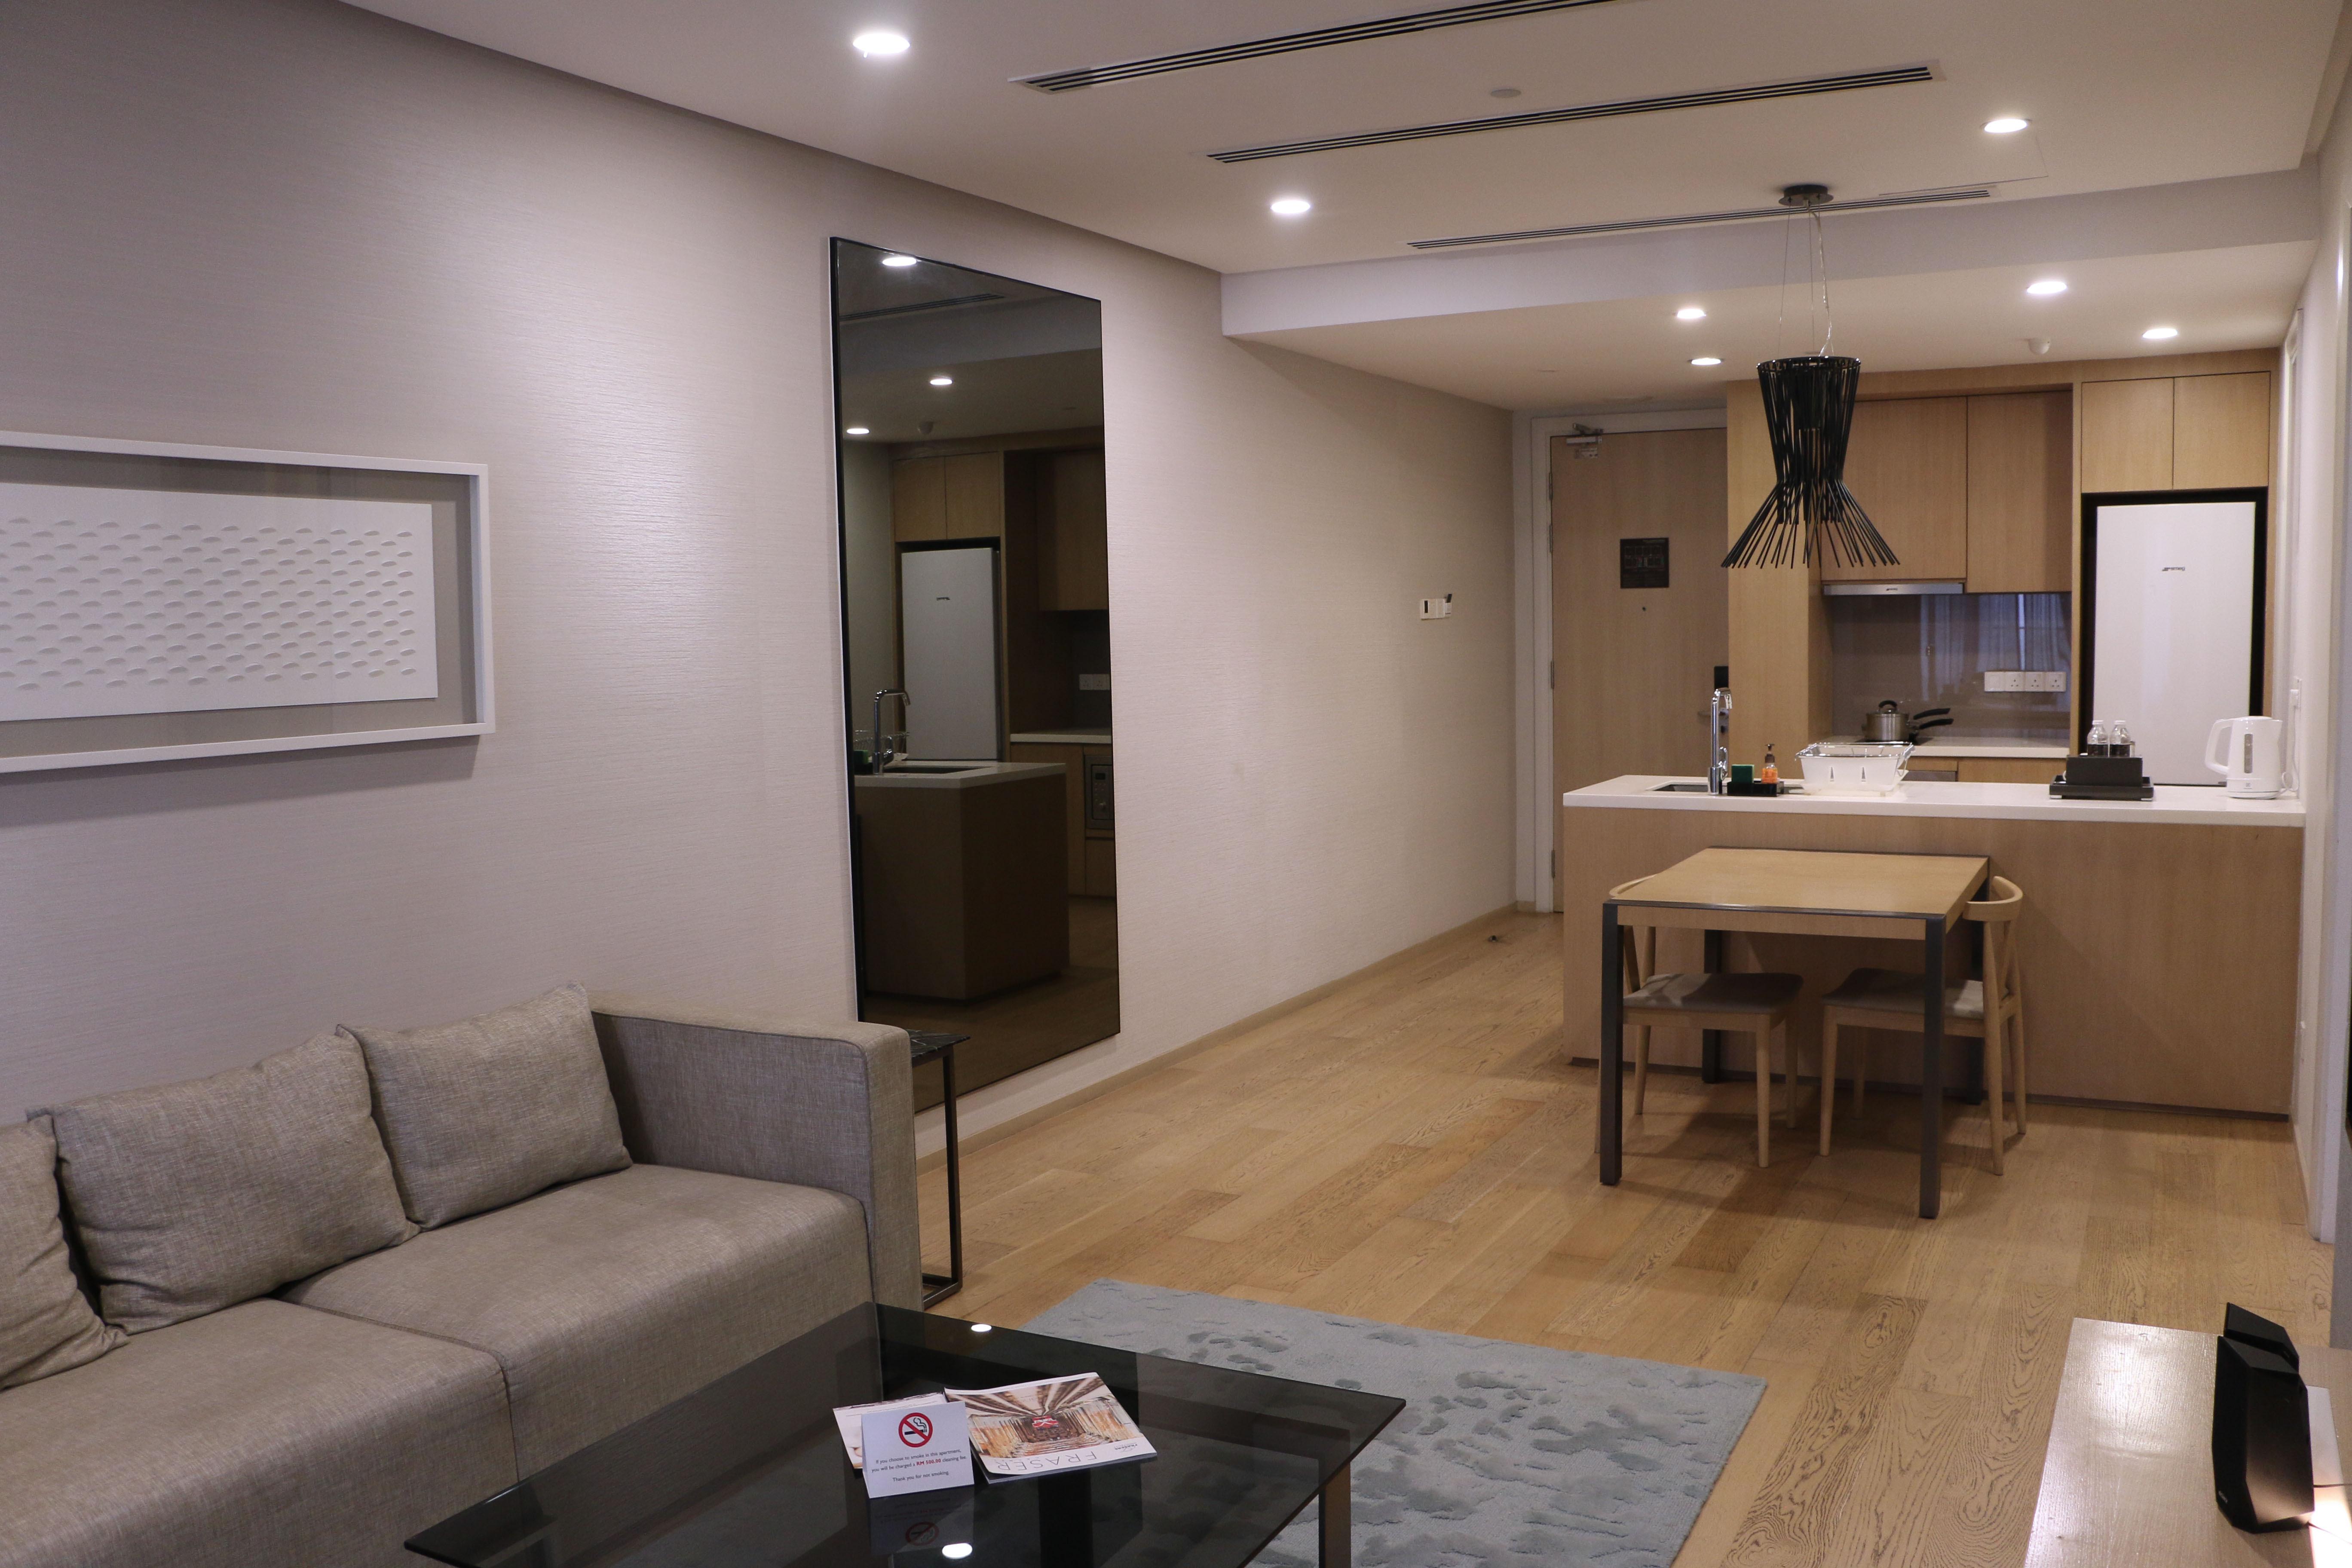 For Sale - 188 Suites (Fraser Residence)